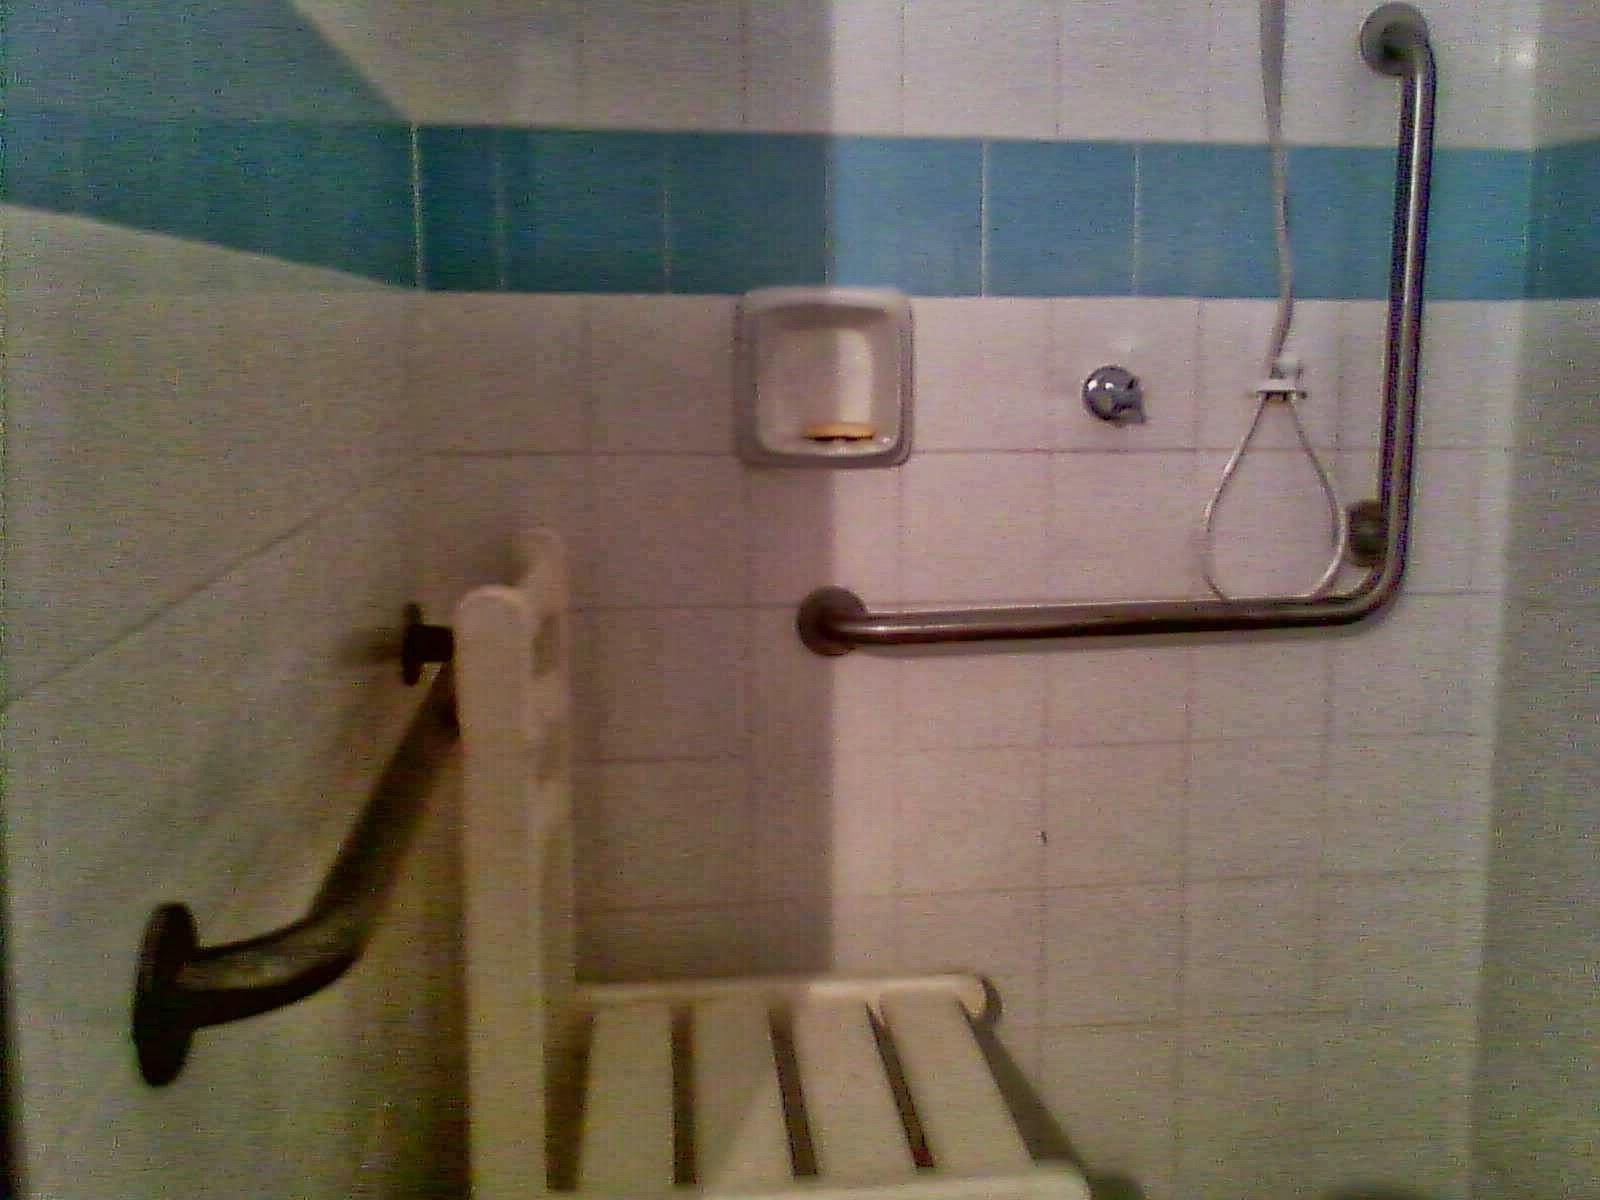 Mulher Invisível: Sesc Mineiro Grussaí #644C38 1600x1200 Banheiro Cadeirante Abnt